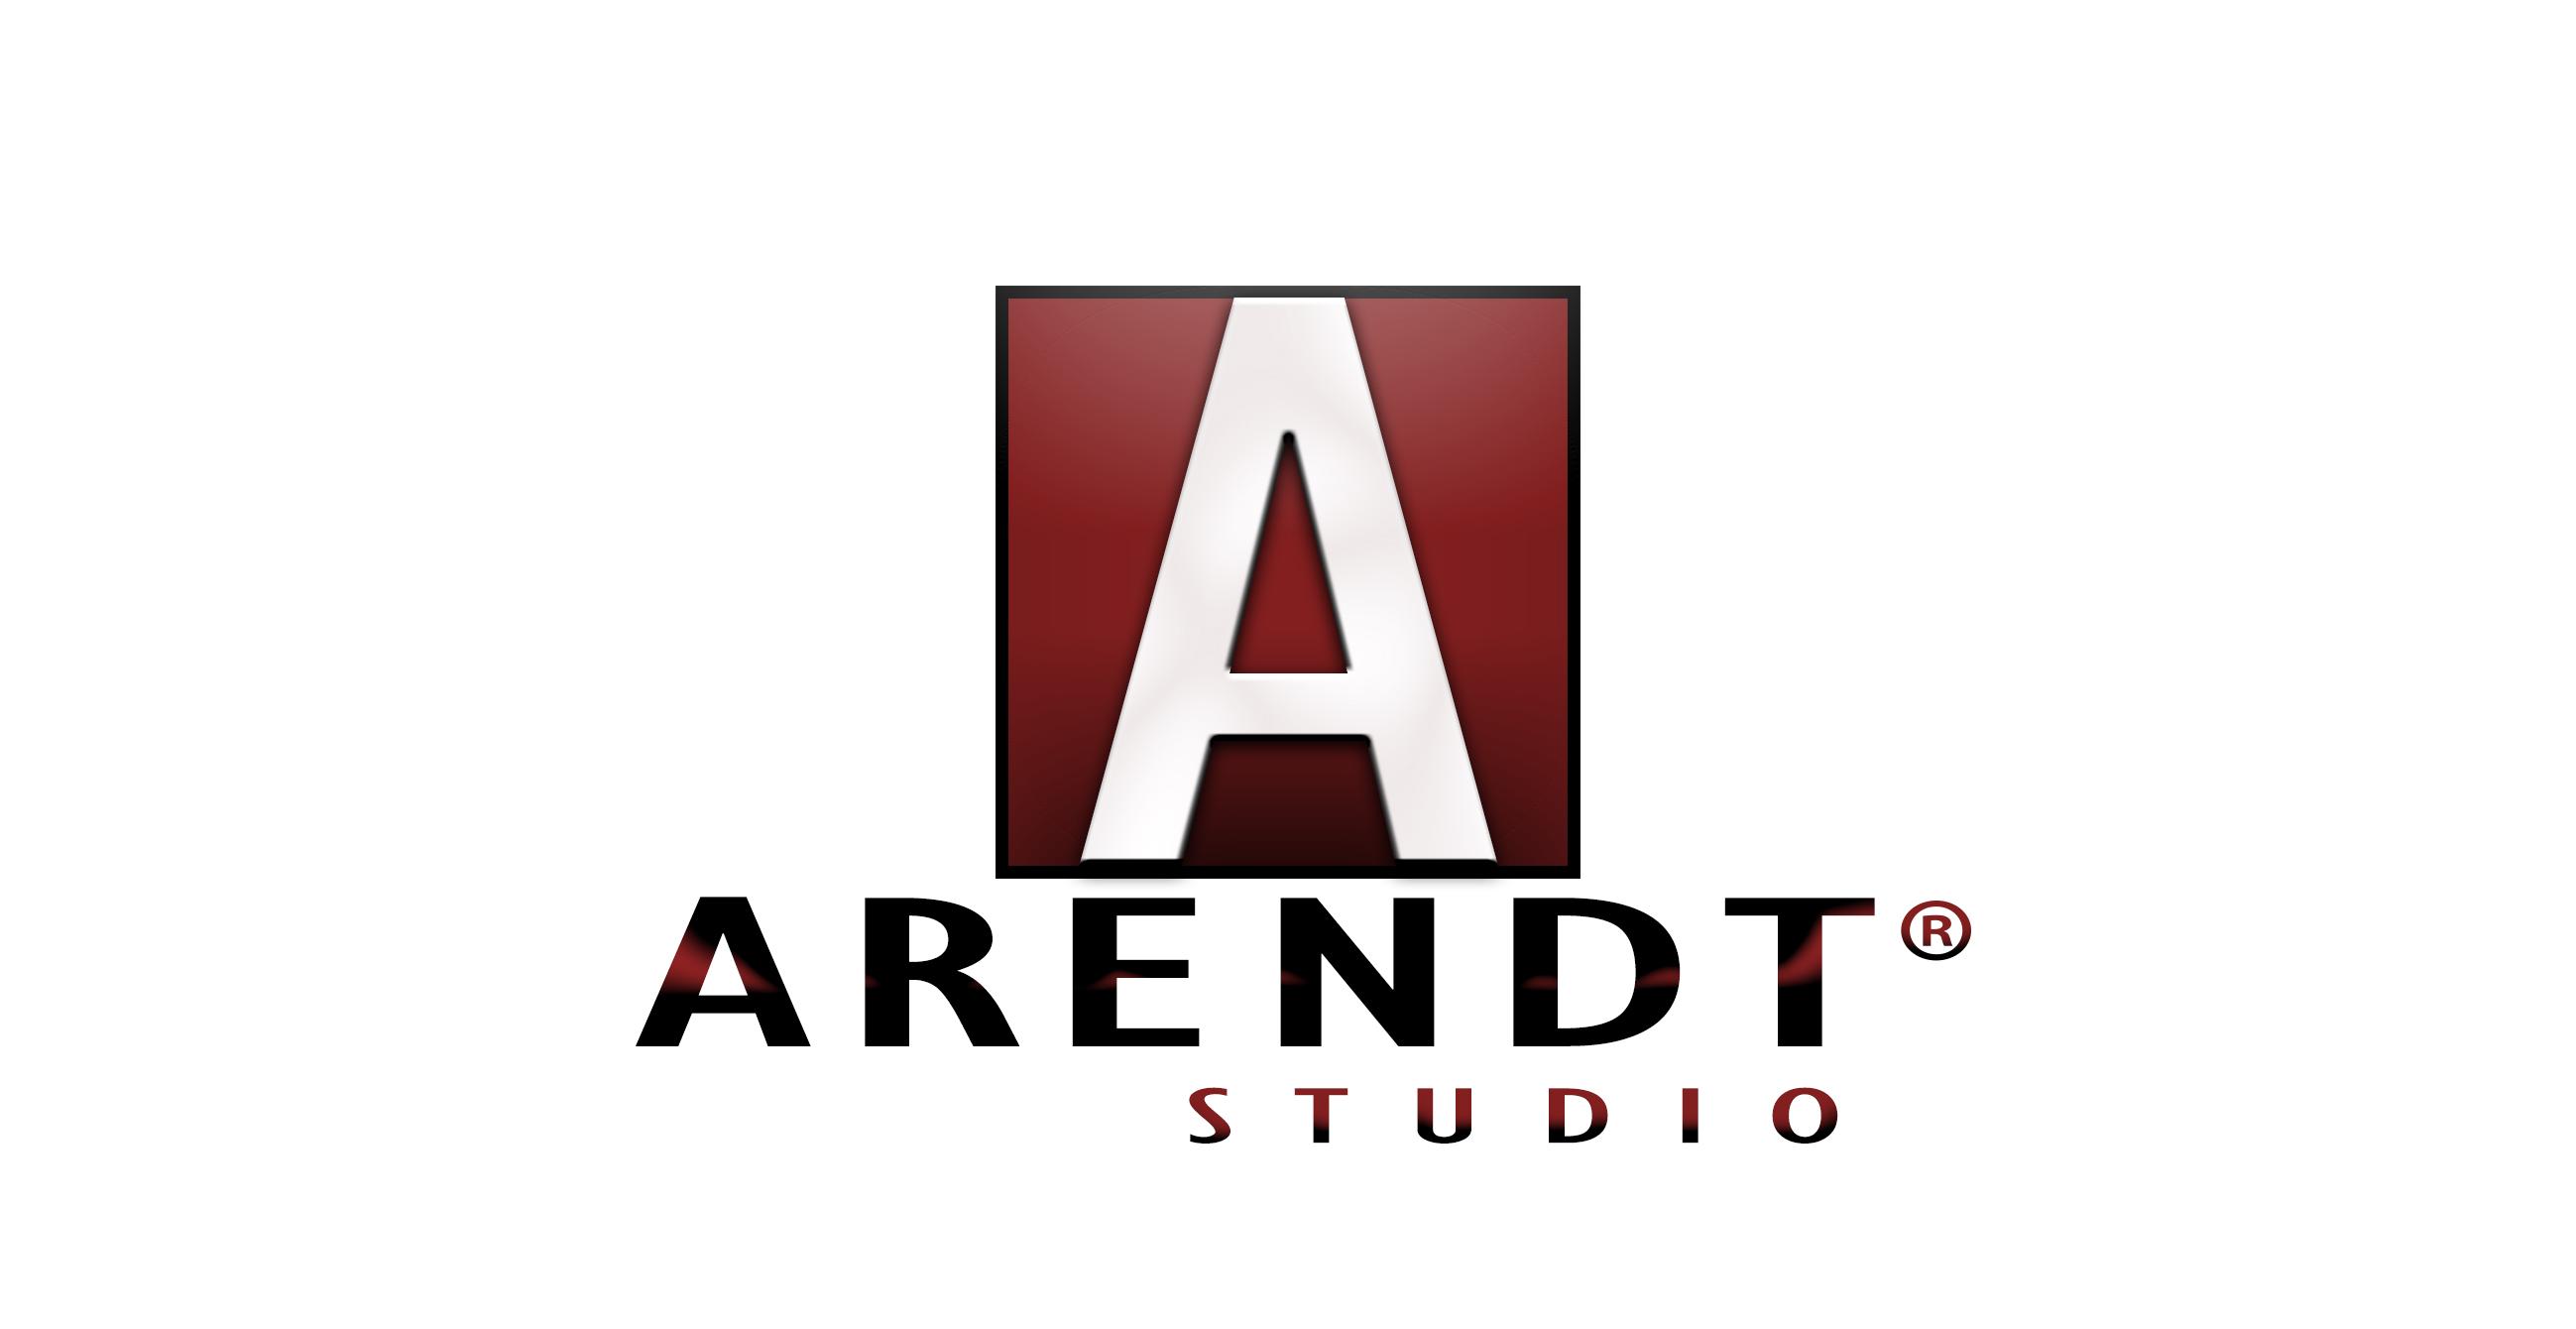 arendt-studio_logo-de-la-marque